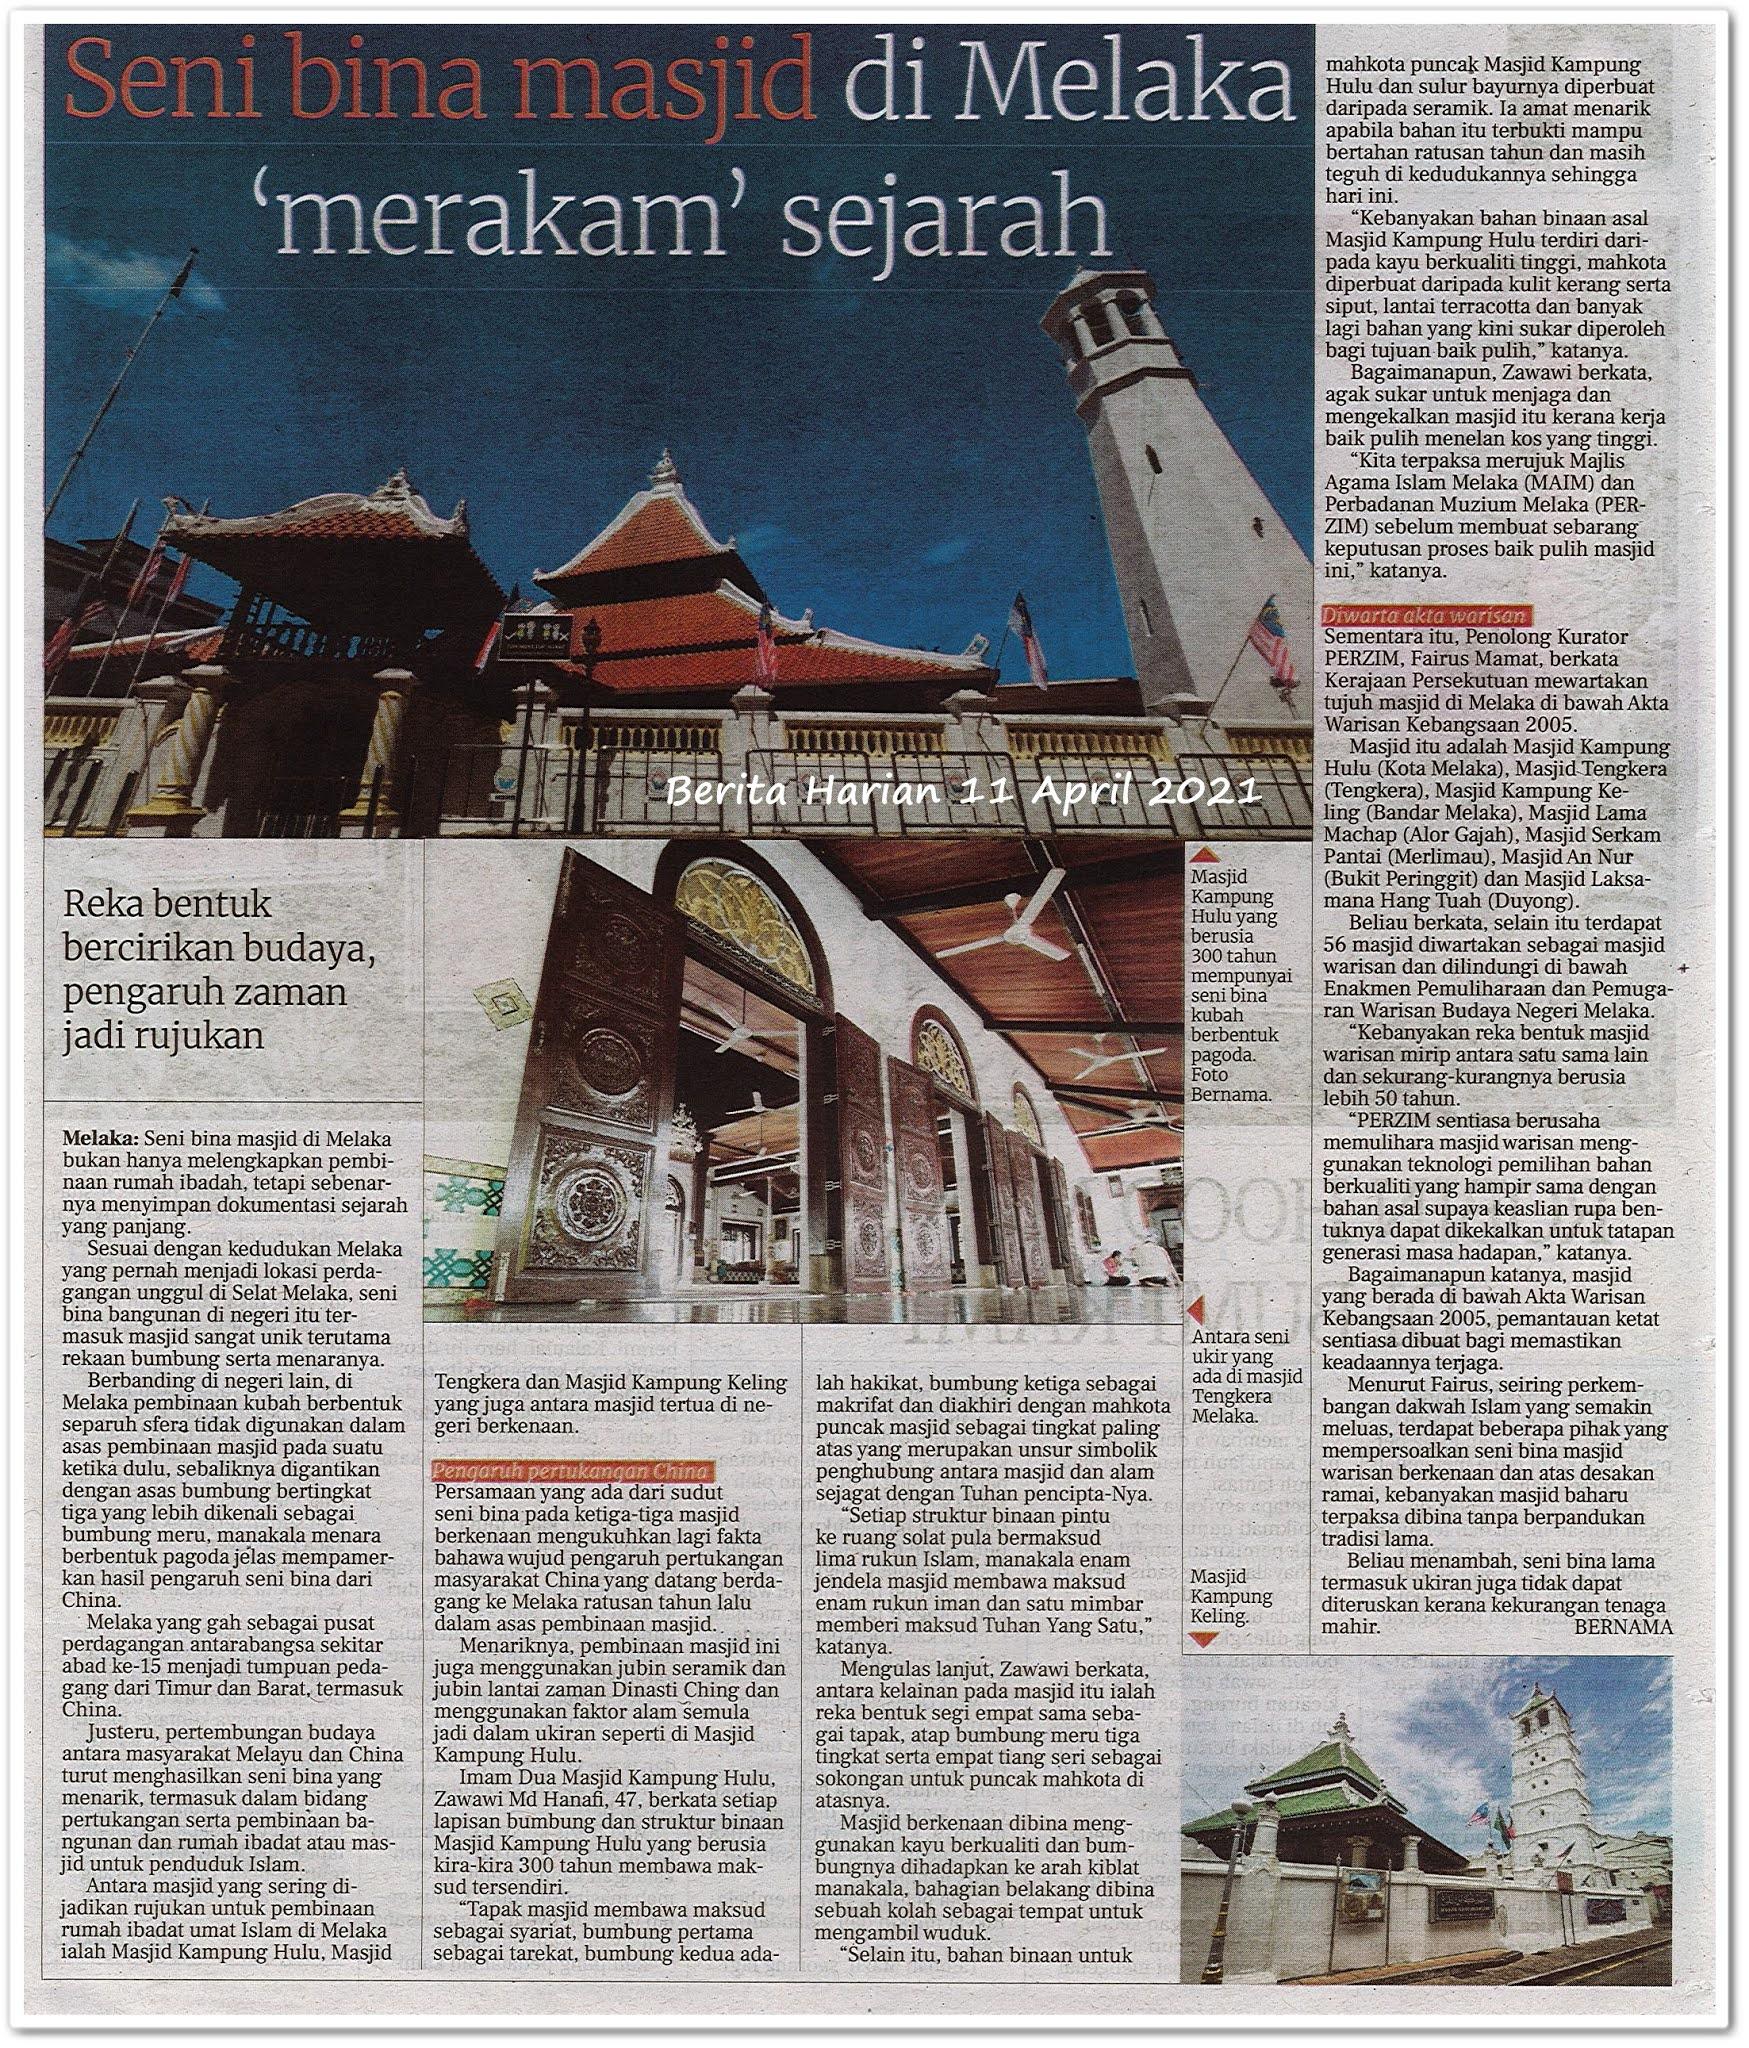 Seni bina masjid di Melaka 'merakam' sejarah - Keratan akhbar Berita Harian 11 April 2021